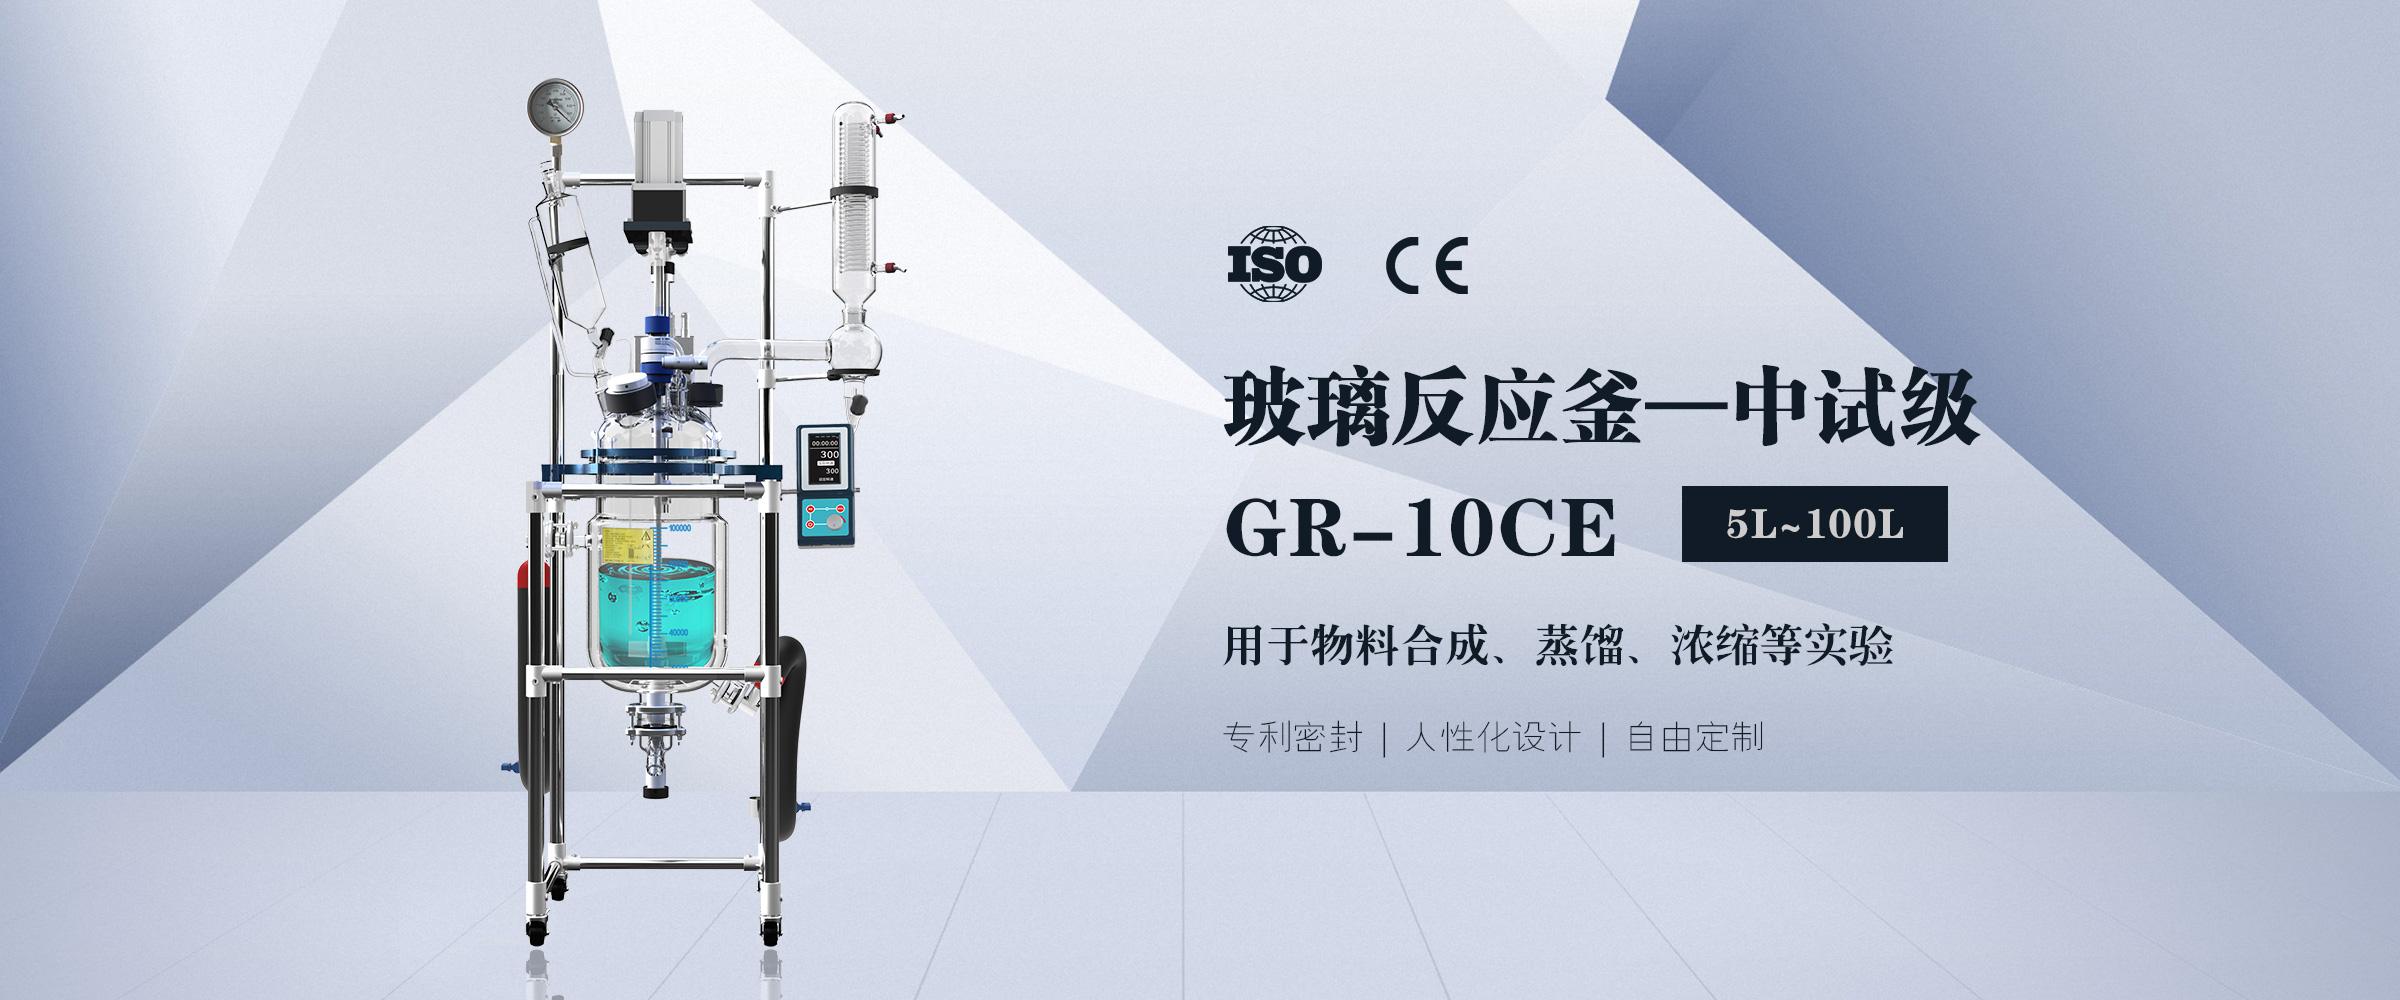 调速玻璃反应釜CE版 (1)